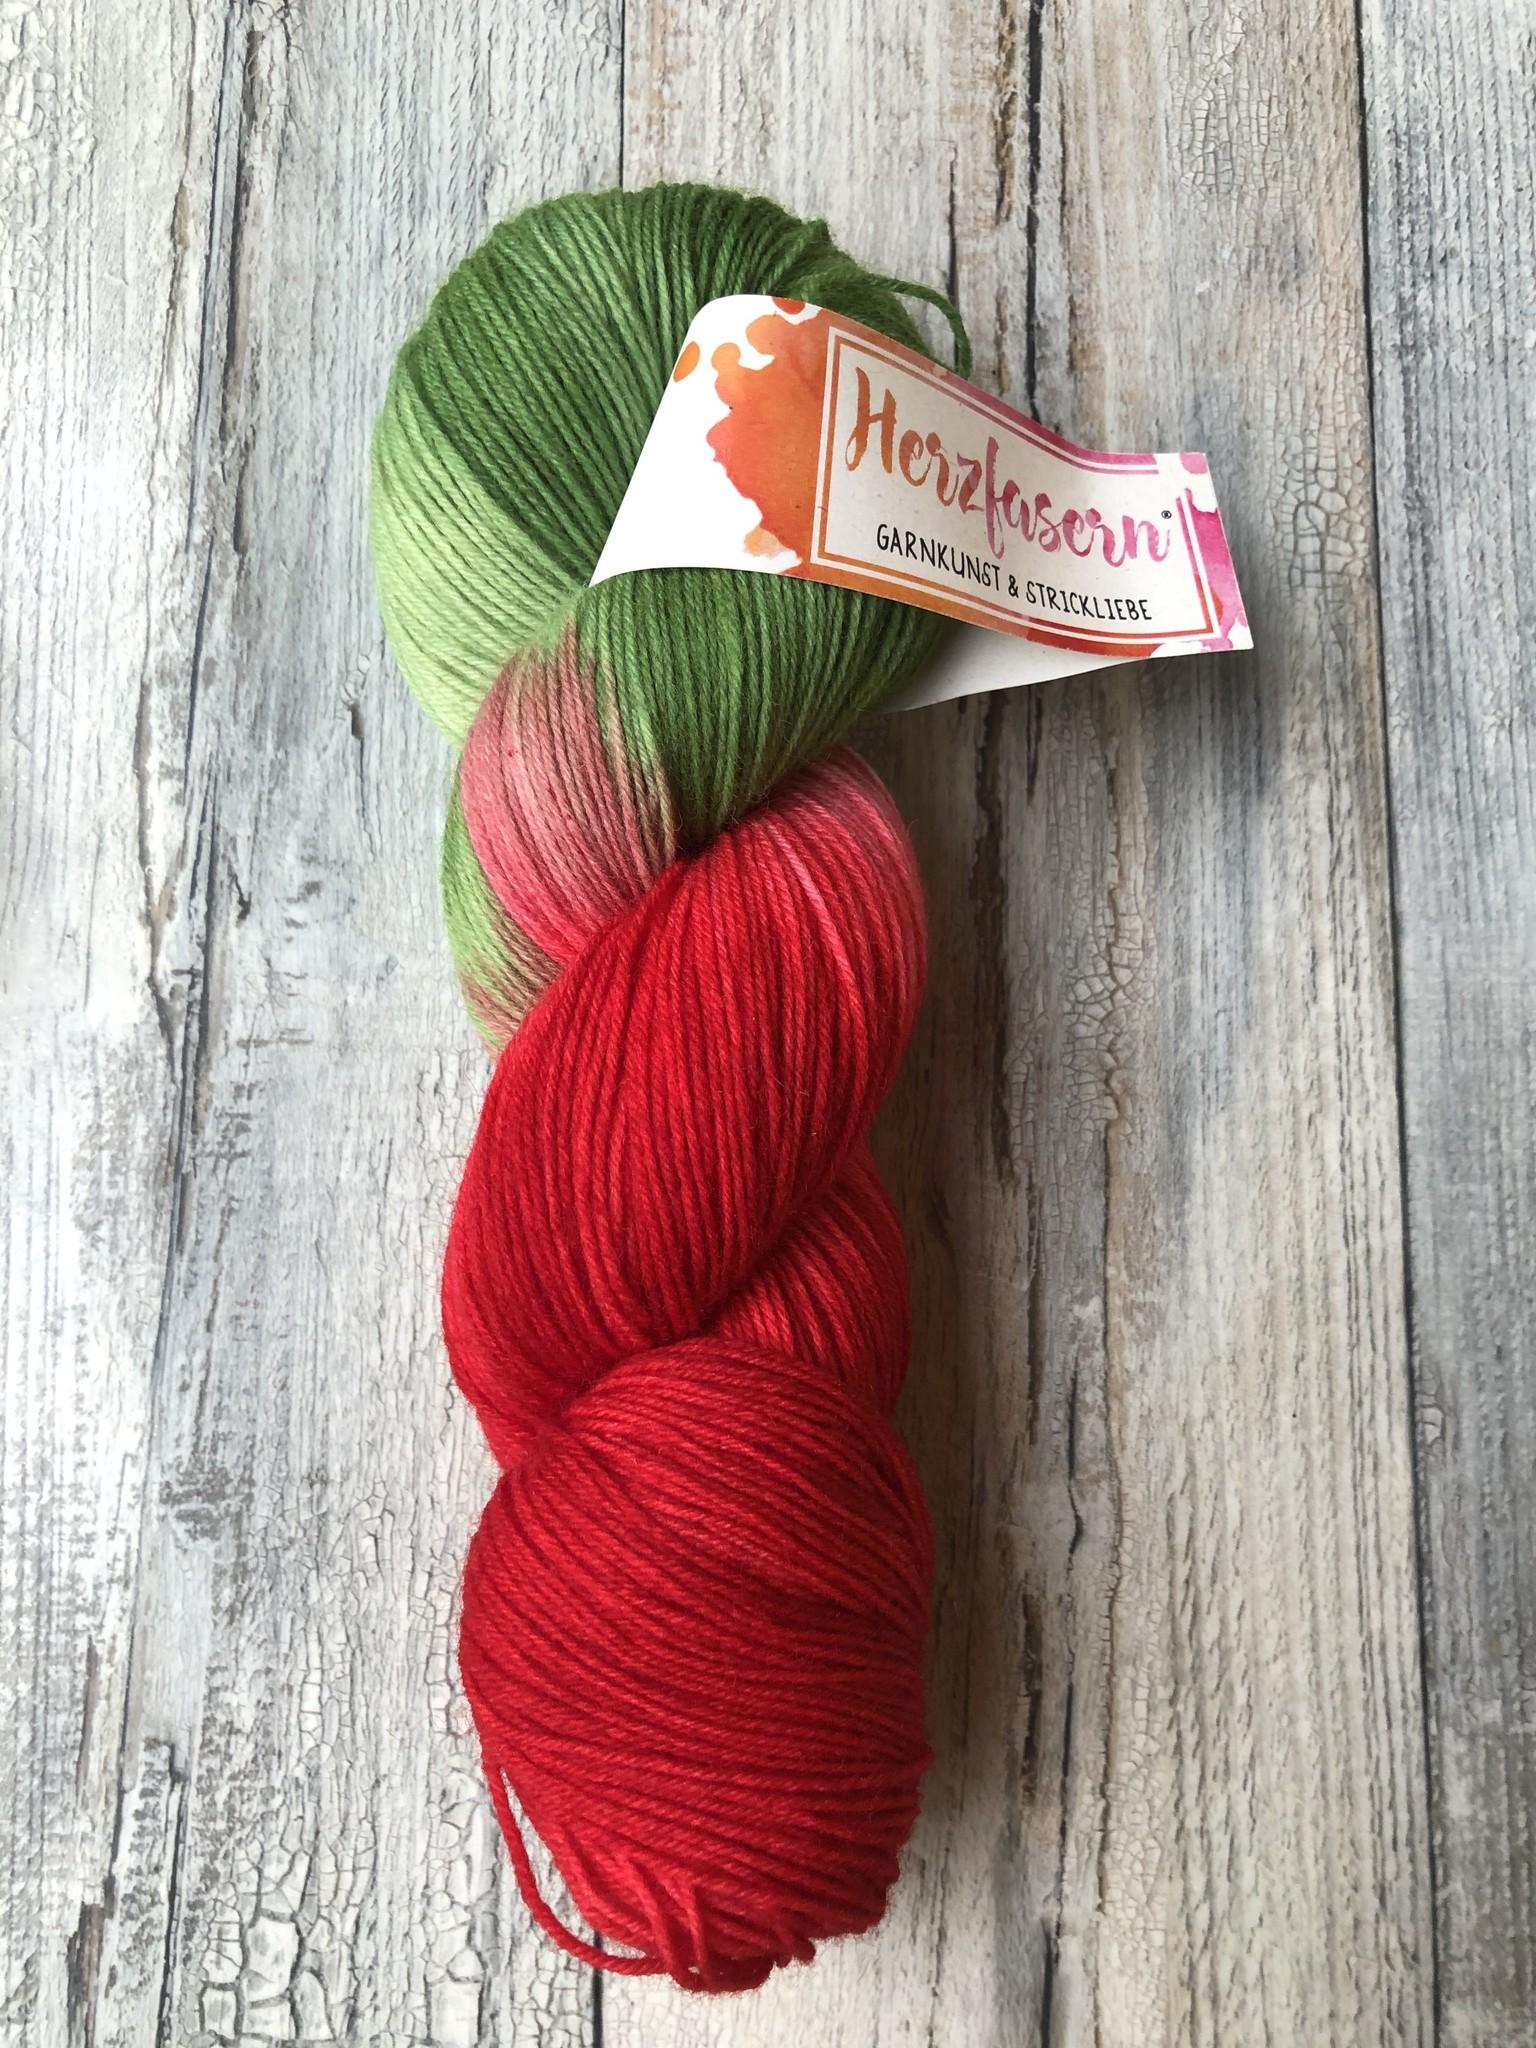 Herzfasern Sockenwolle - Rotkäppchen